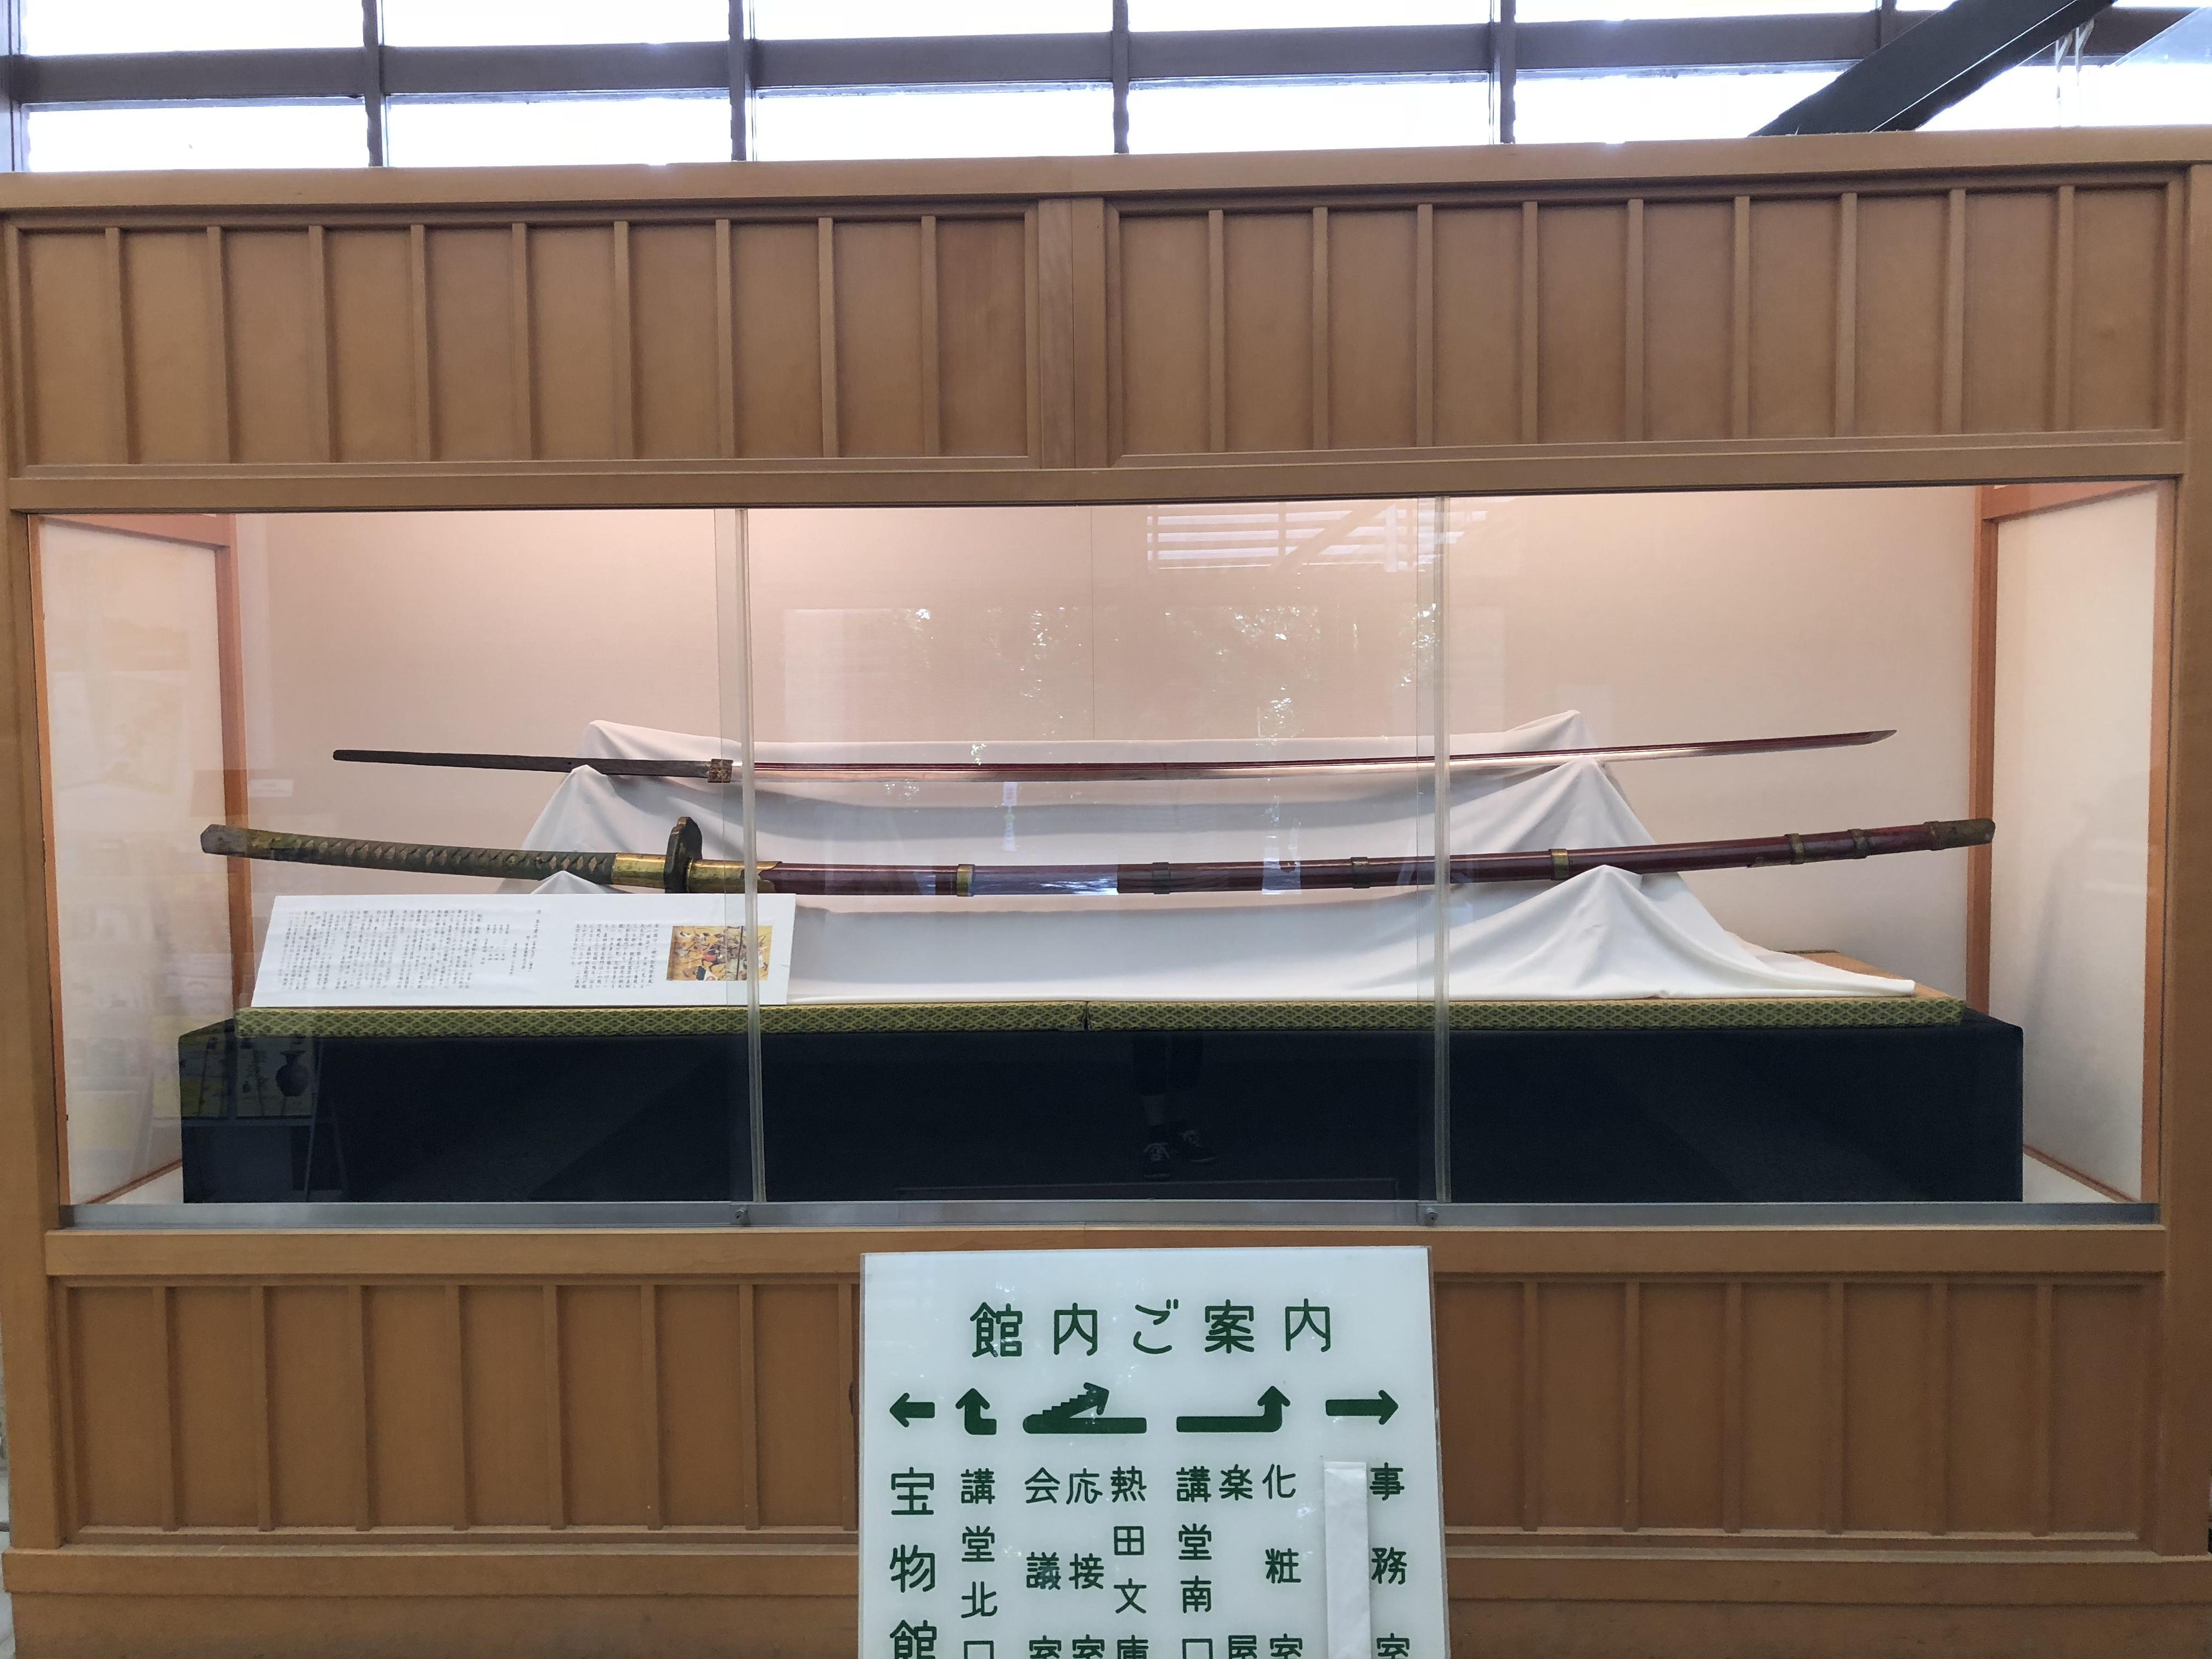 熱田神宮の芸術